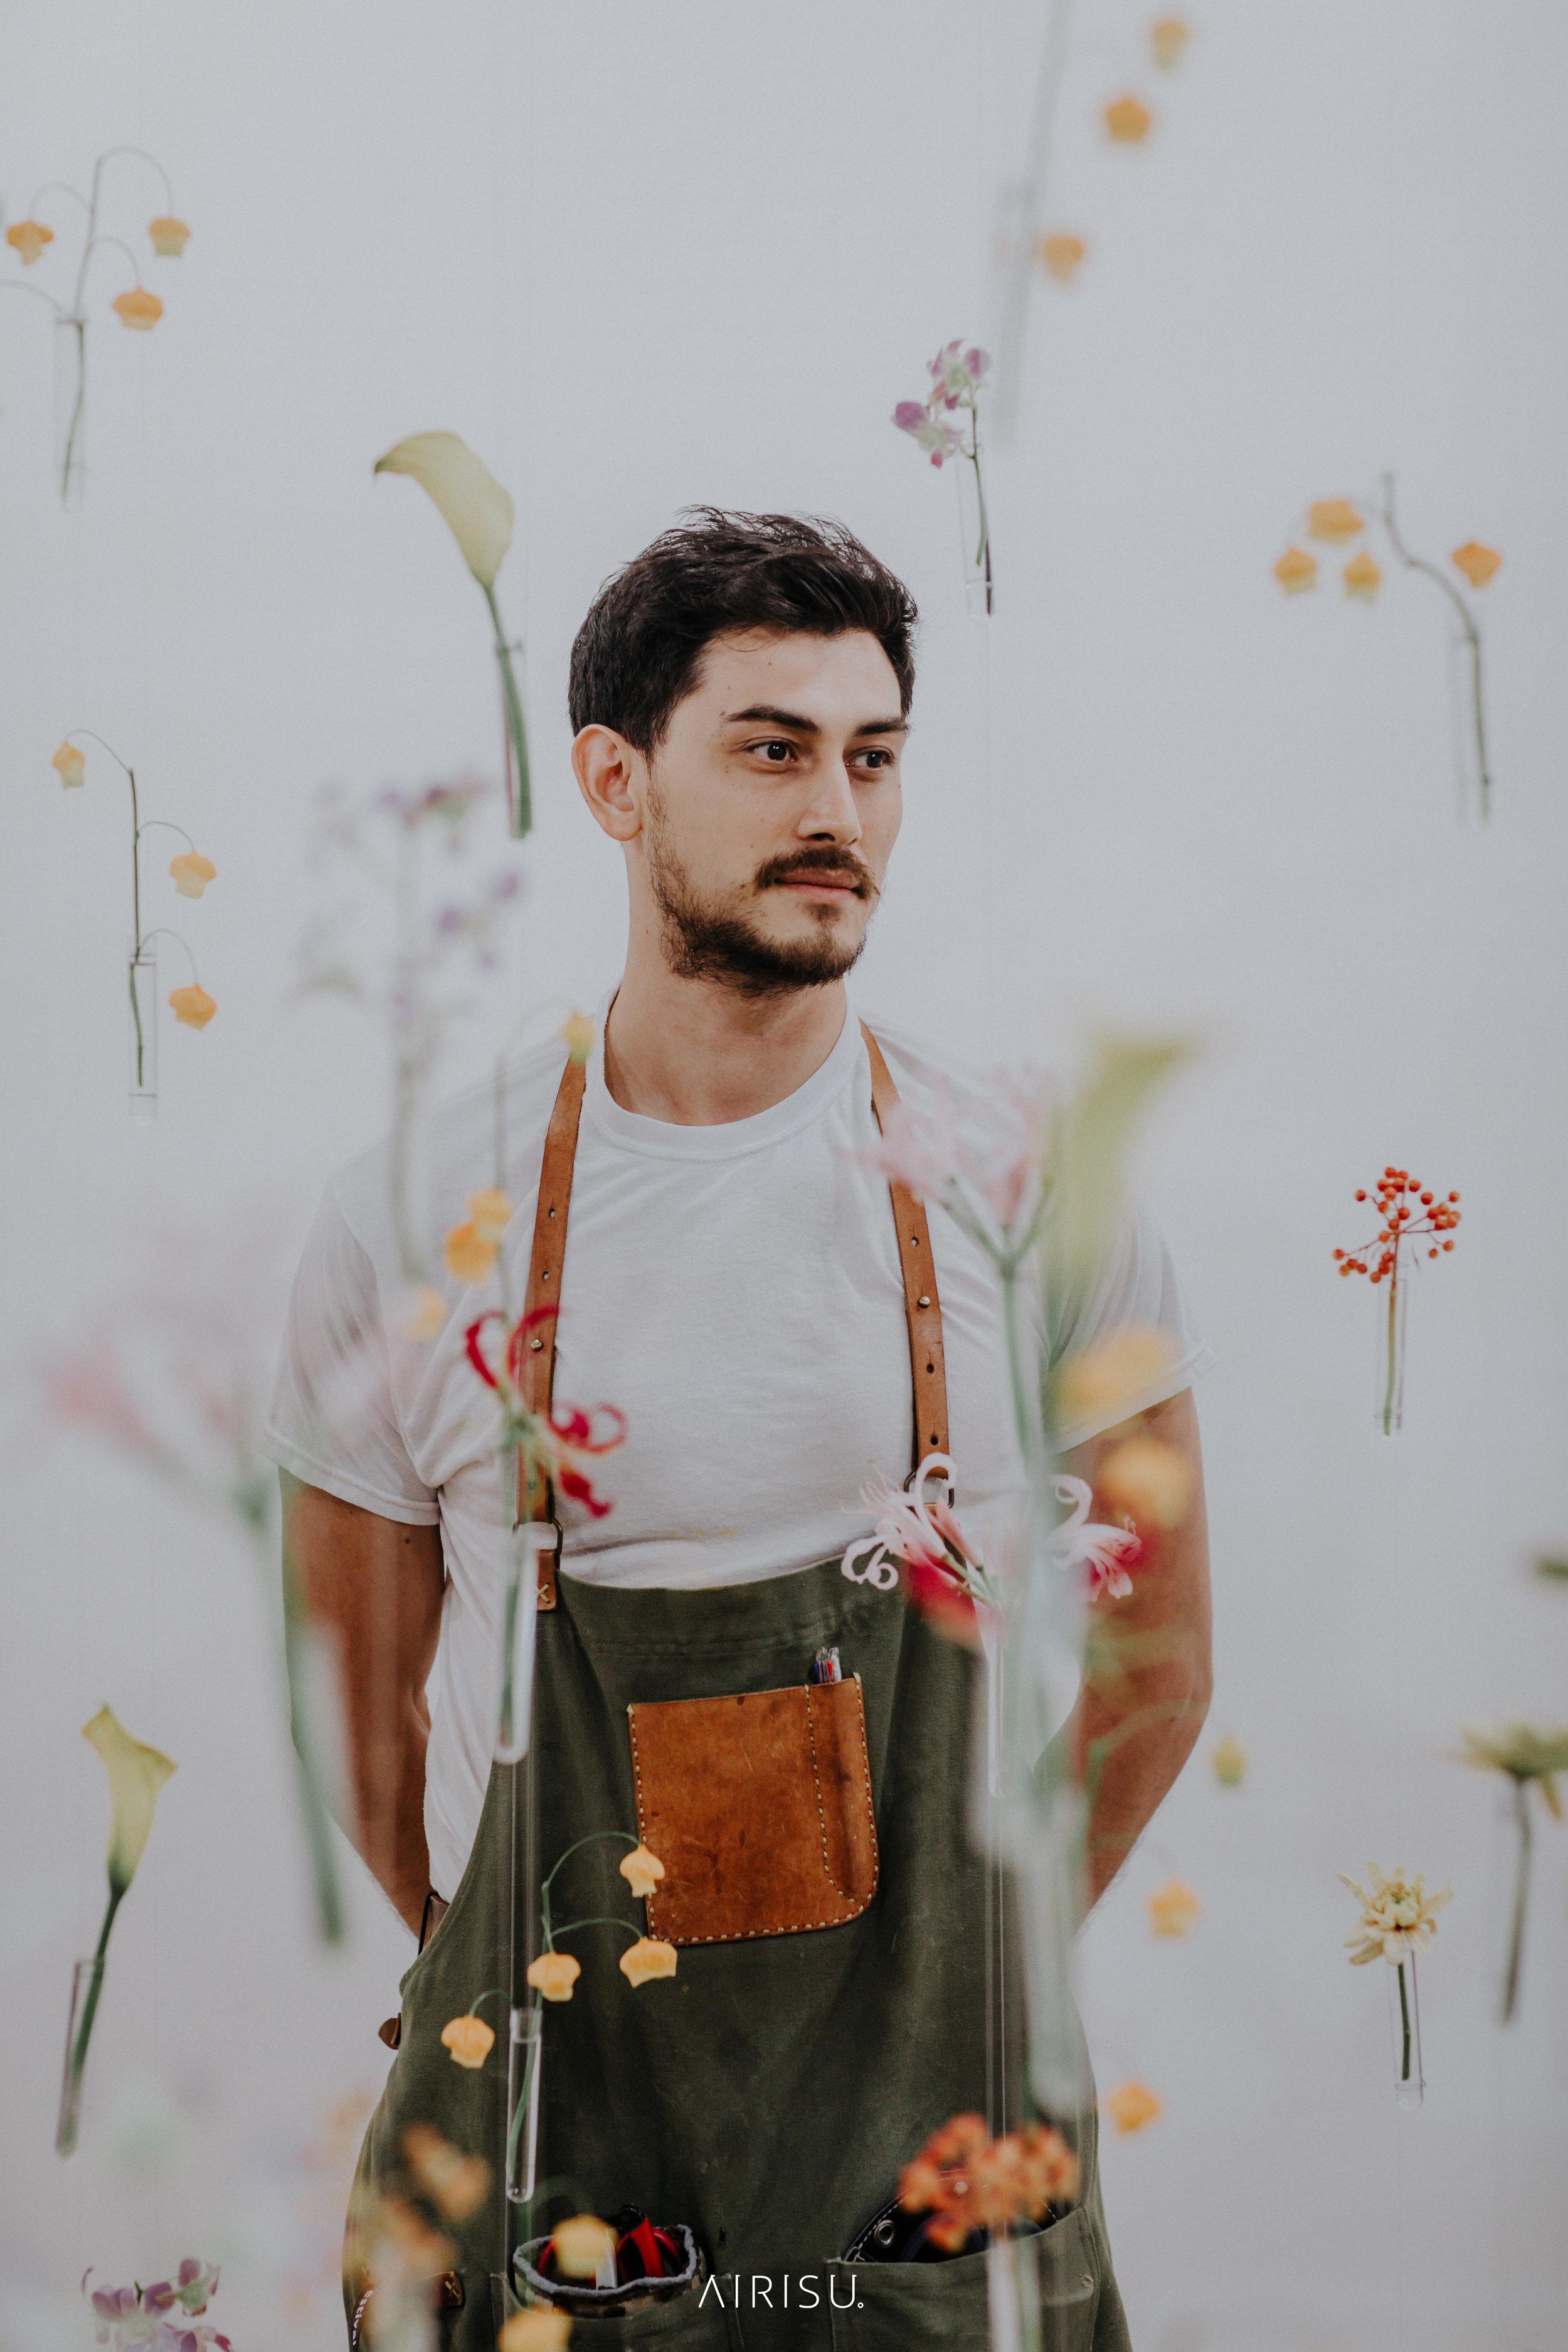 akiva zama - CEO & flower artist座間アキーバ 東京生まれ、シアトル育ち。2010年から講師として全国各地を巡りキャリアをスタート。2015年,2016年,2017年,長崎ハウステンボス世界フラワーガーデンショーにて特別展示を披露2018年,シンガポールで開催された世界ガーデンフェスティバルに日本代表として出場。2017年株式会社「花とんぼ」設立。小淵沢アートヴィレッジと連携し、アーティストならではのダイナミックなセンスを活かし、ウエディングのトータルプロデュースをスタート。